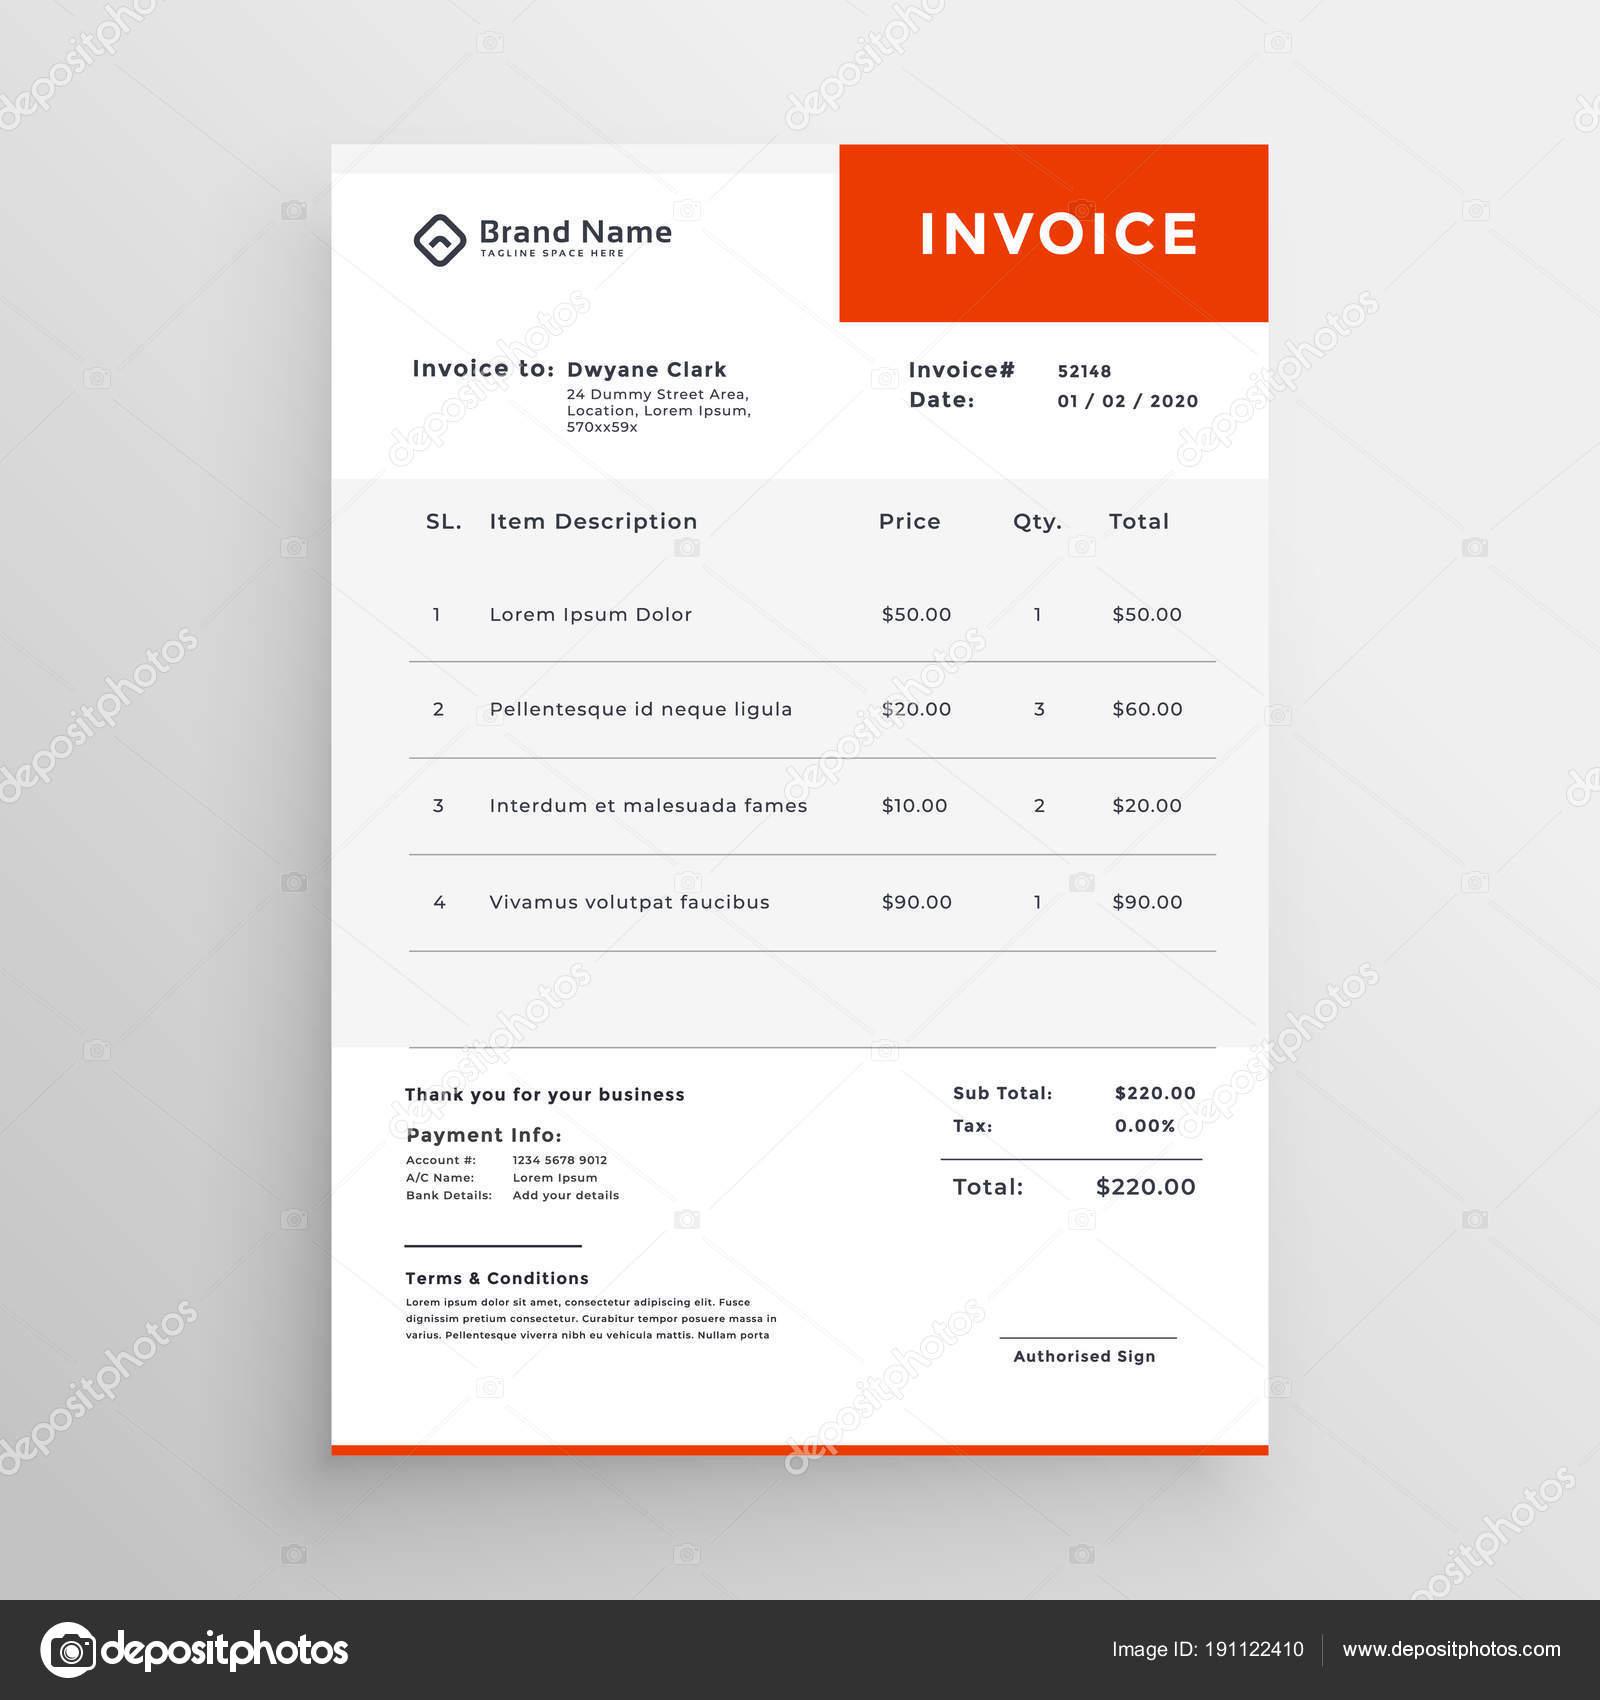 diseño de plantilla de factura limpia simple — Archivo Imágenes ...